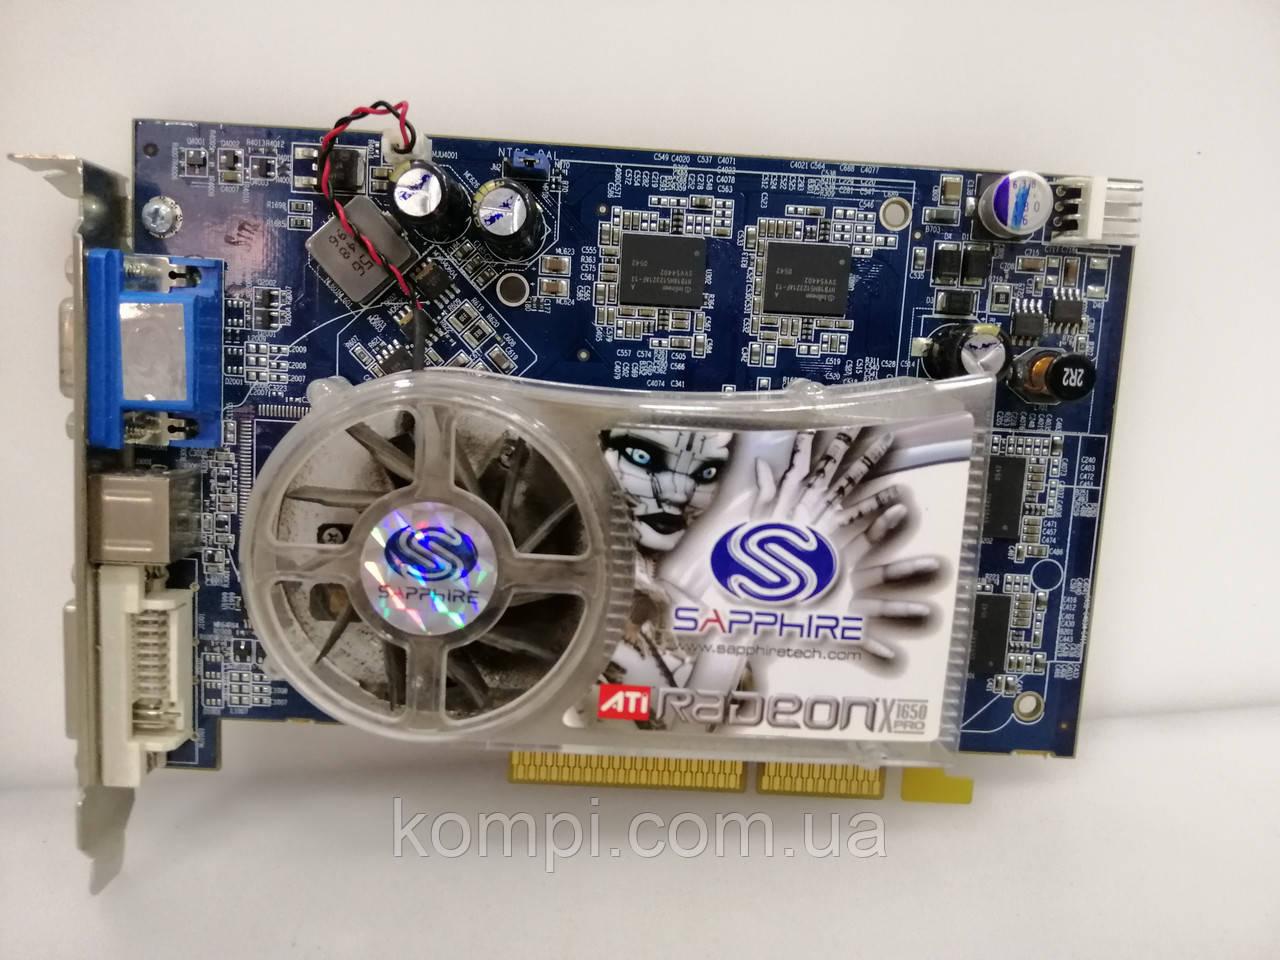 Видеокарта ATI RADEON 1650PRO 256Mb   AGP